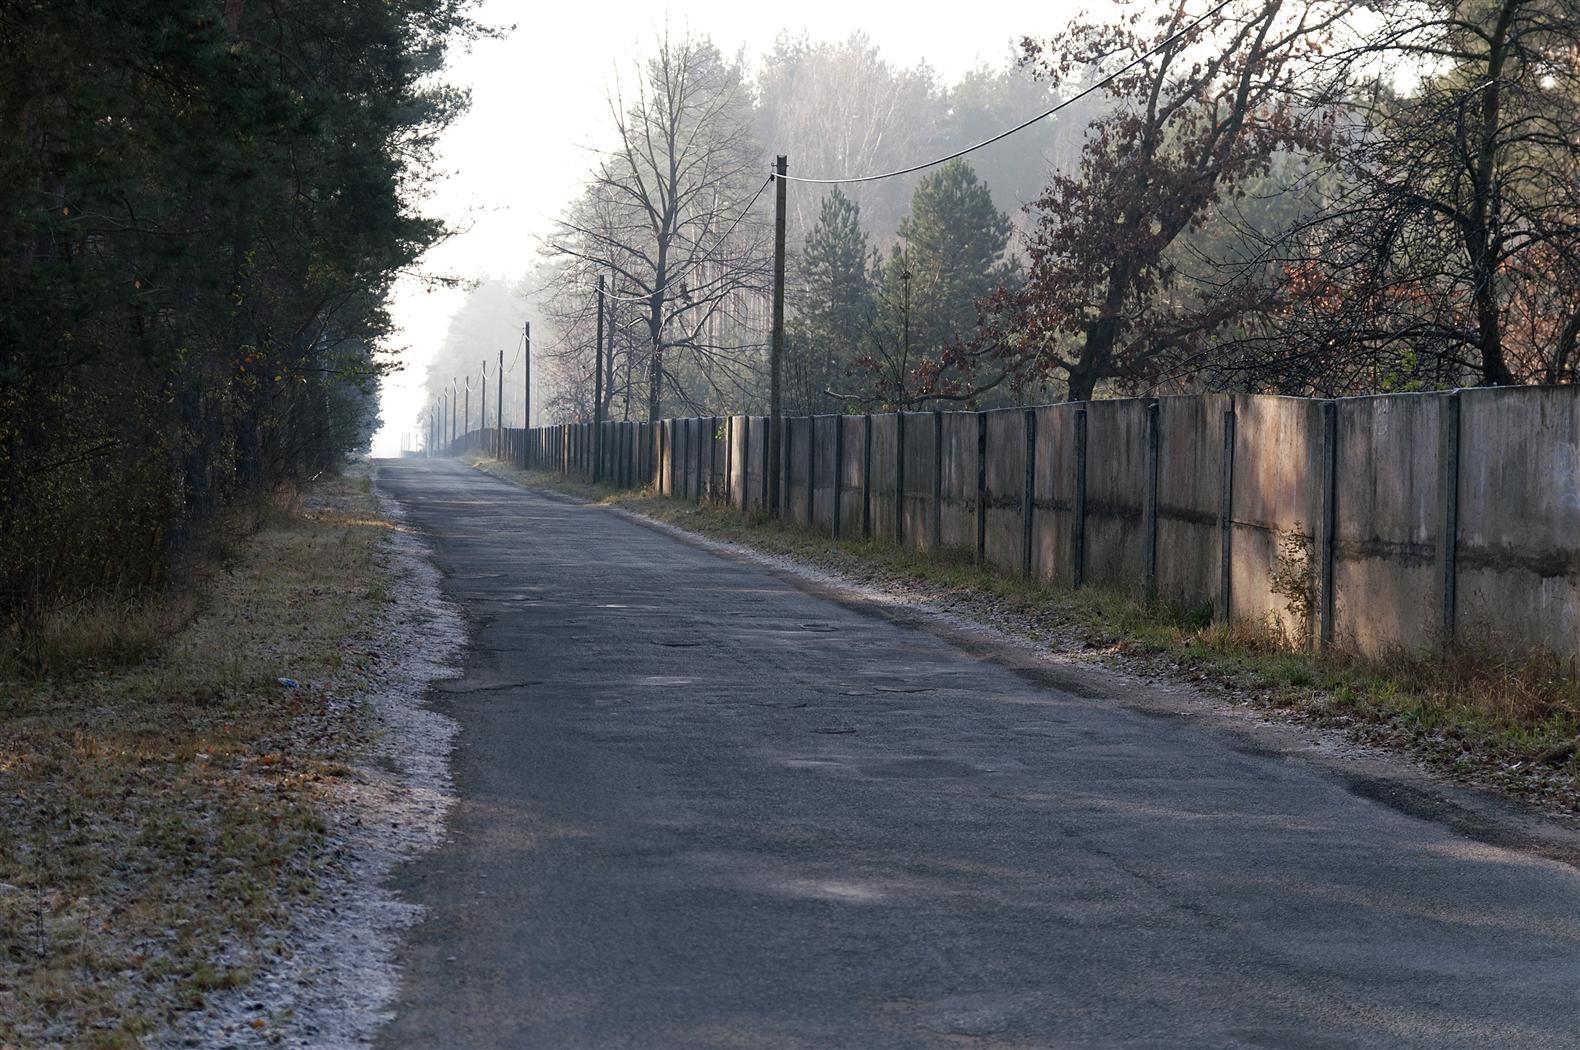 Straße zu einem verlassenen Flughafen der russischen Streitkräfte